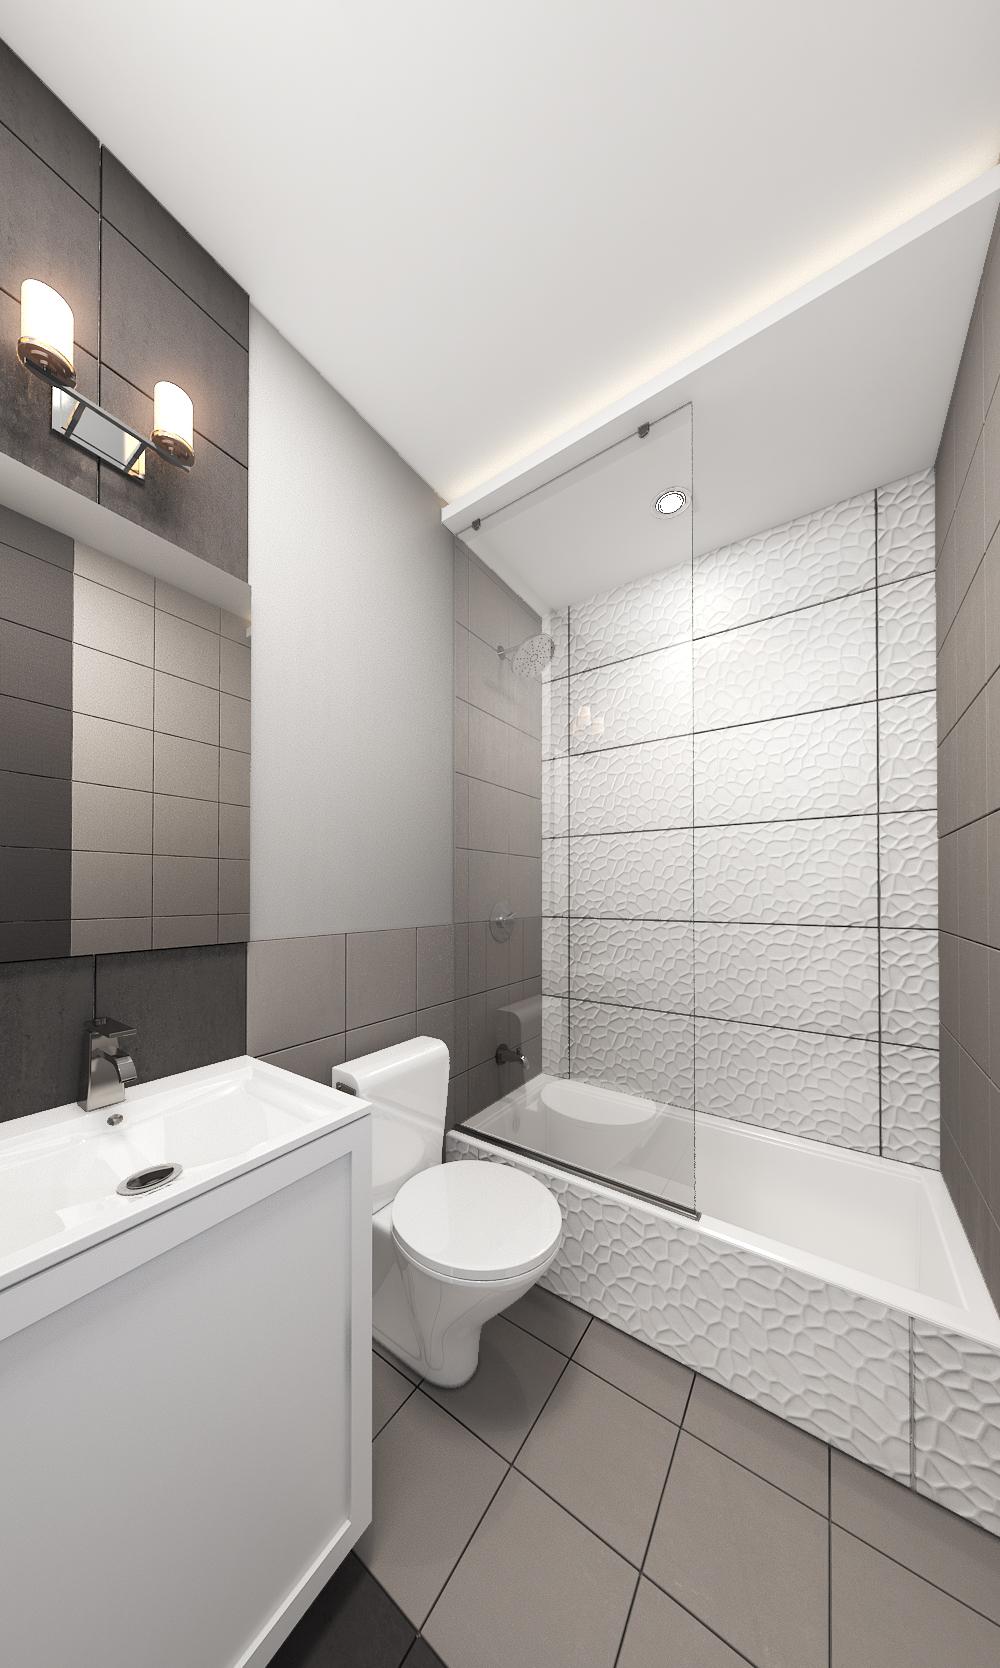 Bathroom Final Rendering 2.17.15.jpg